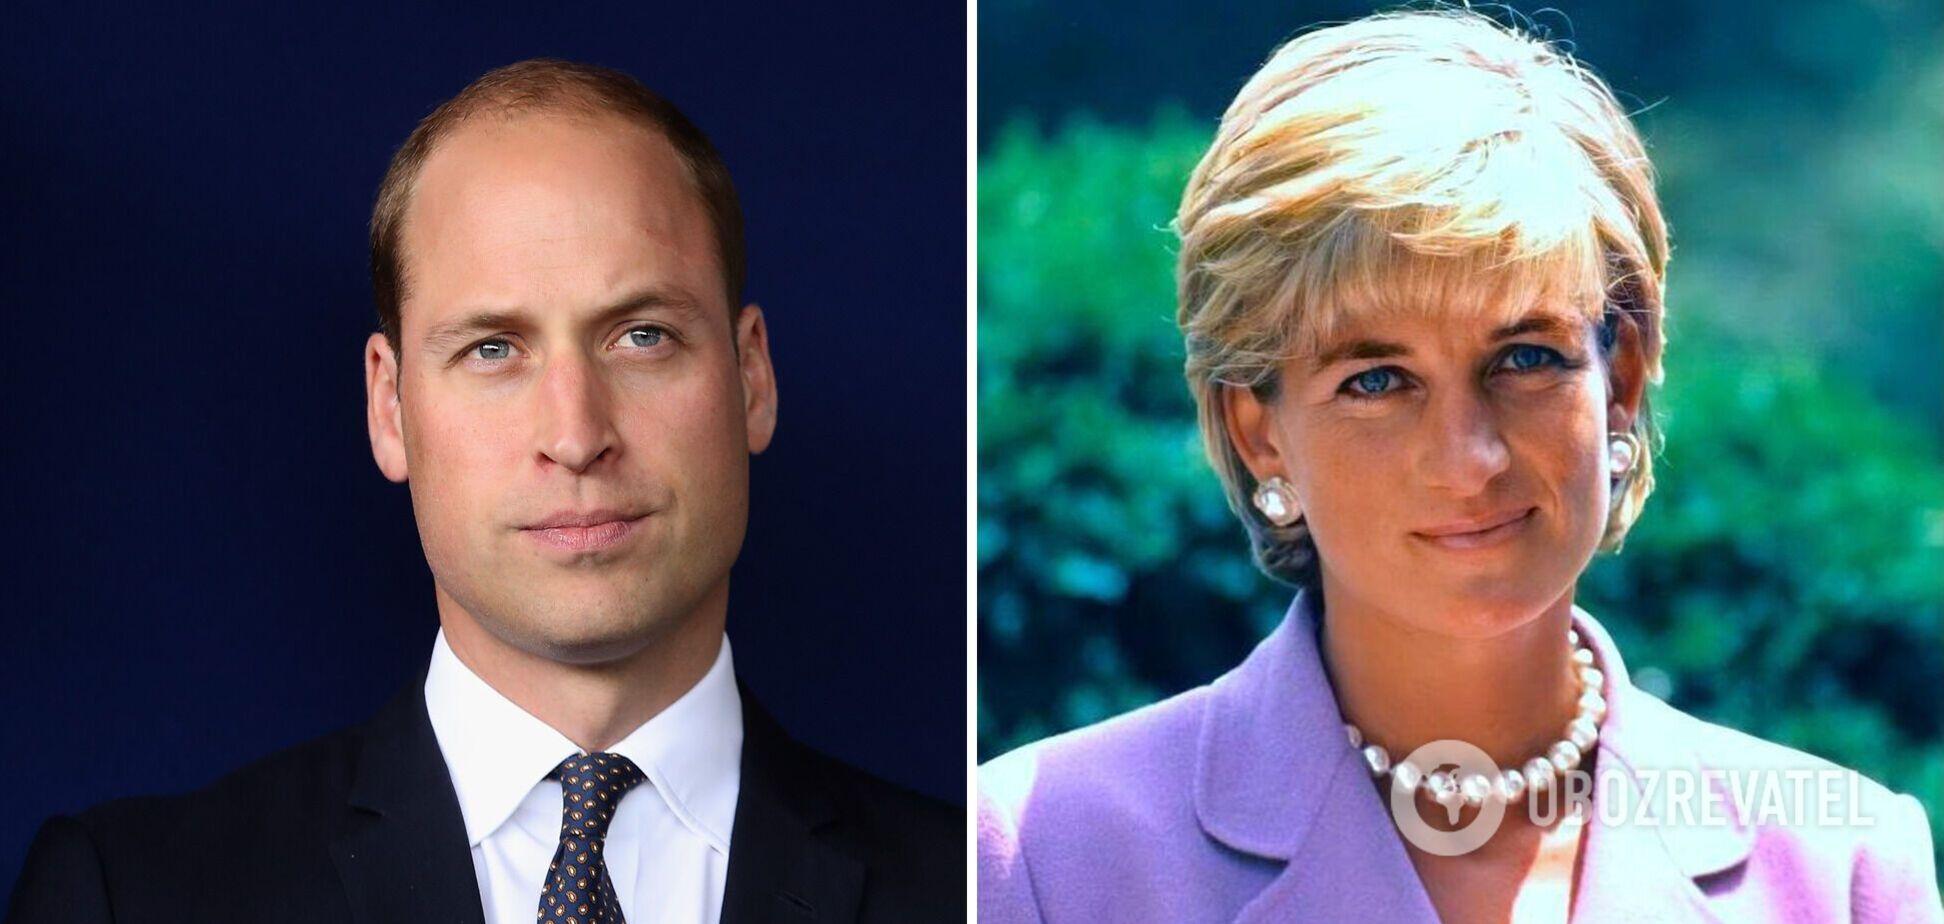 Принц Уильям показал трогательное фото принцессы Дианы